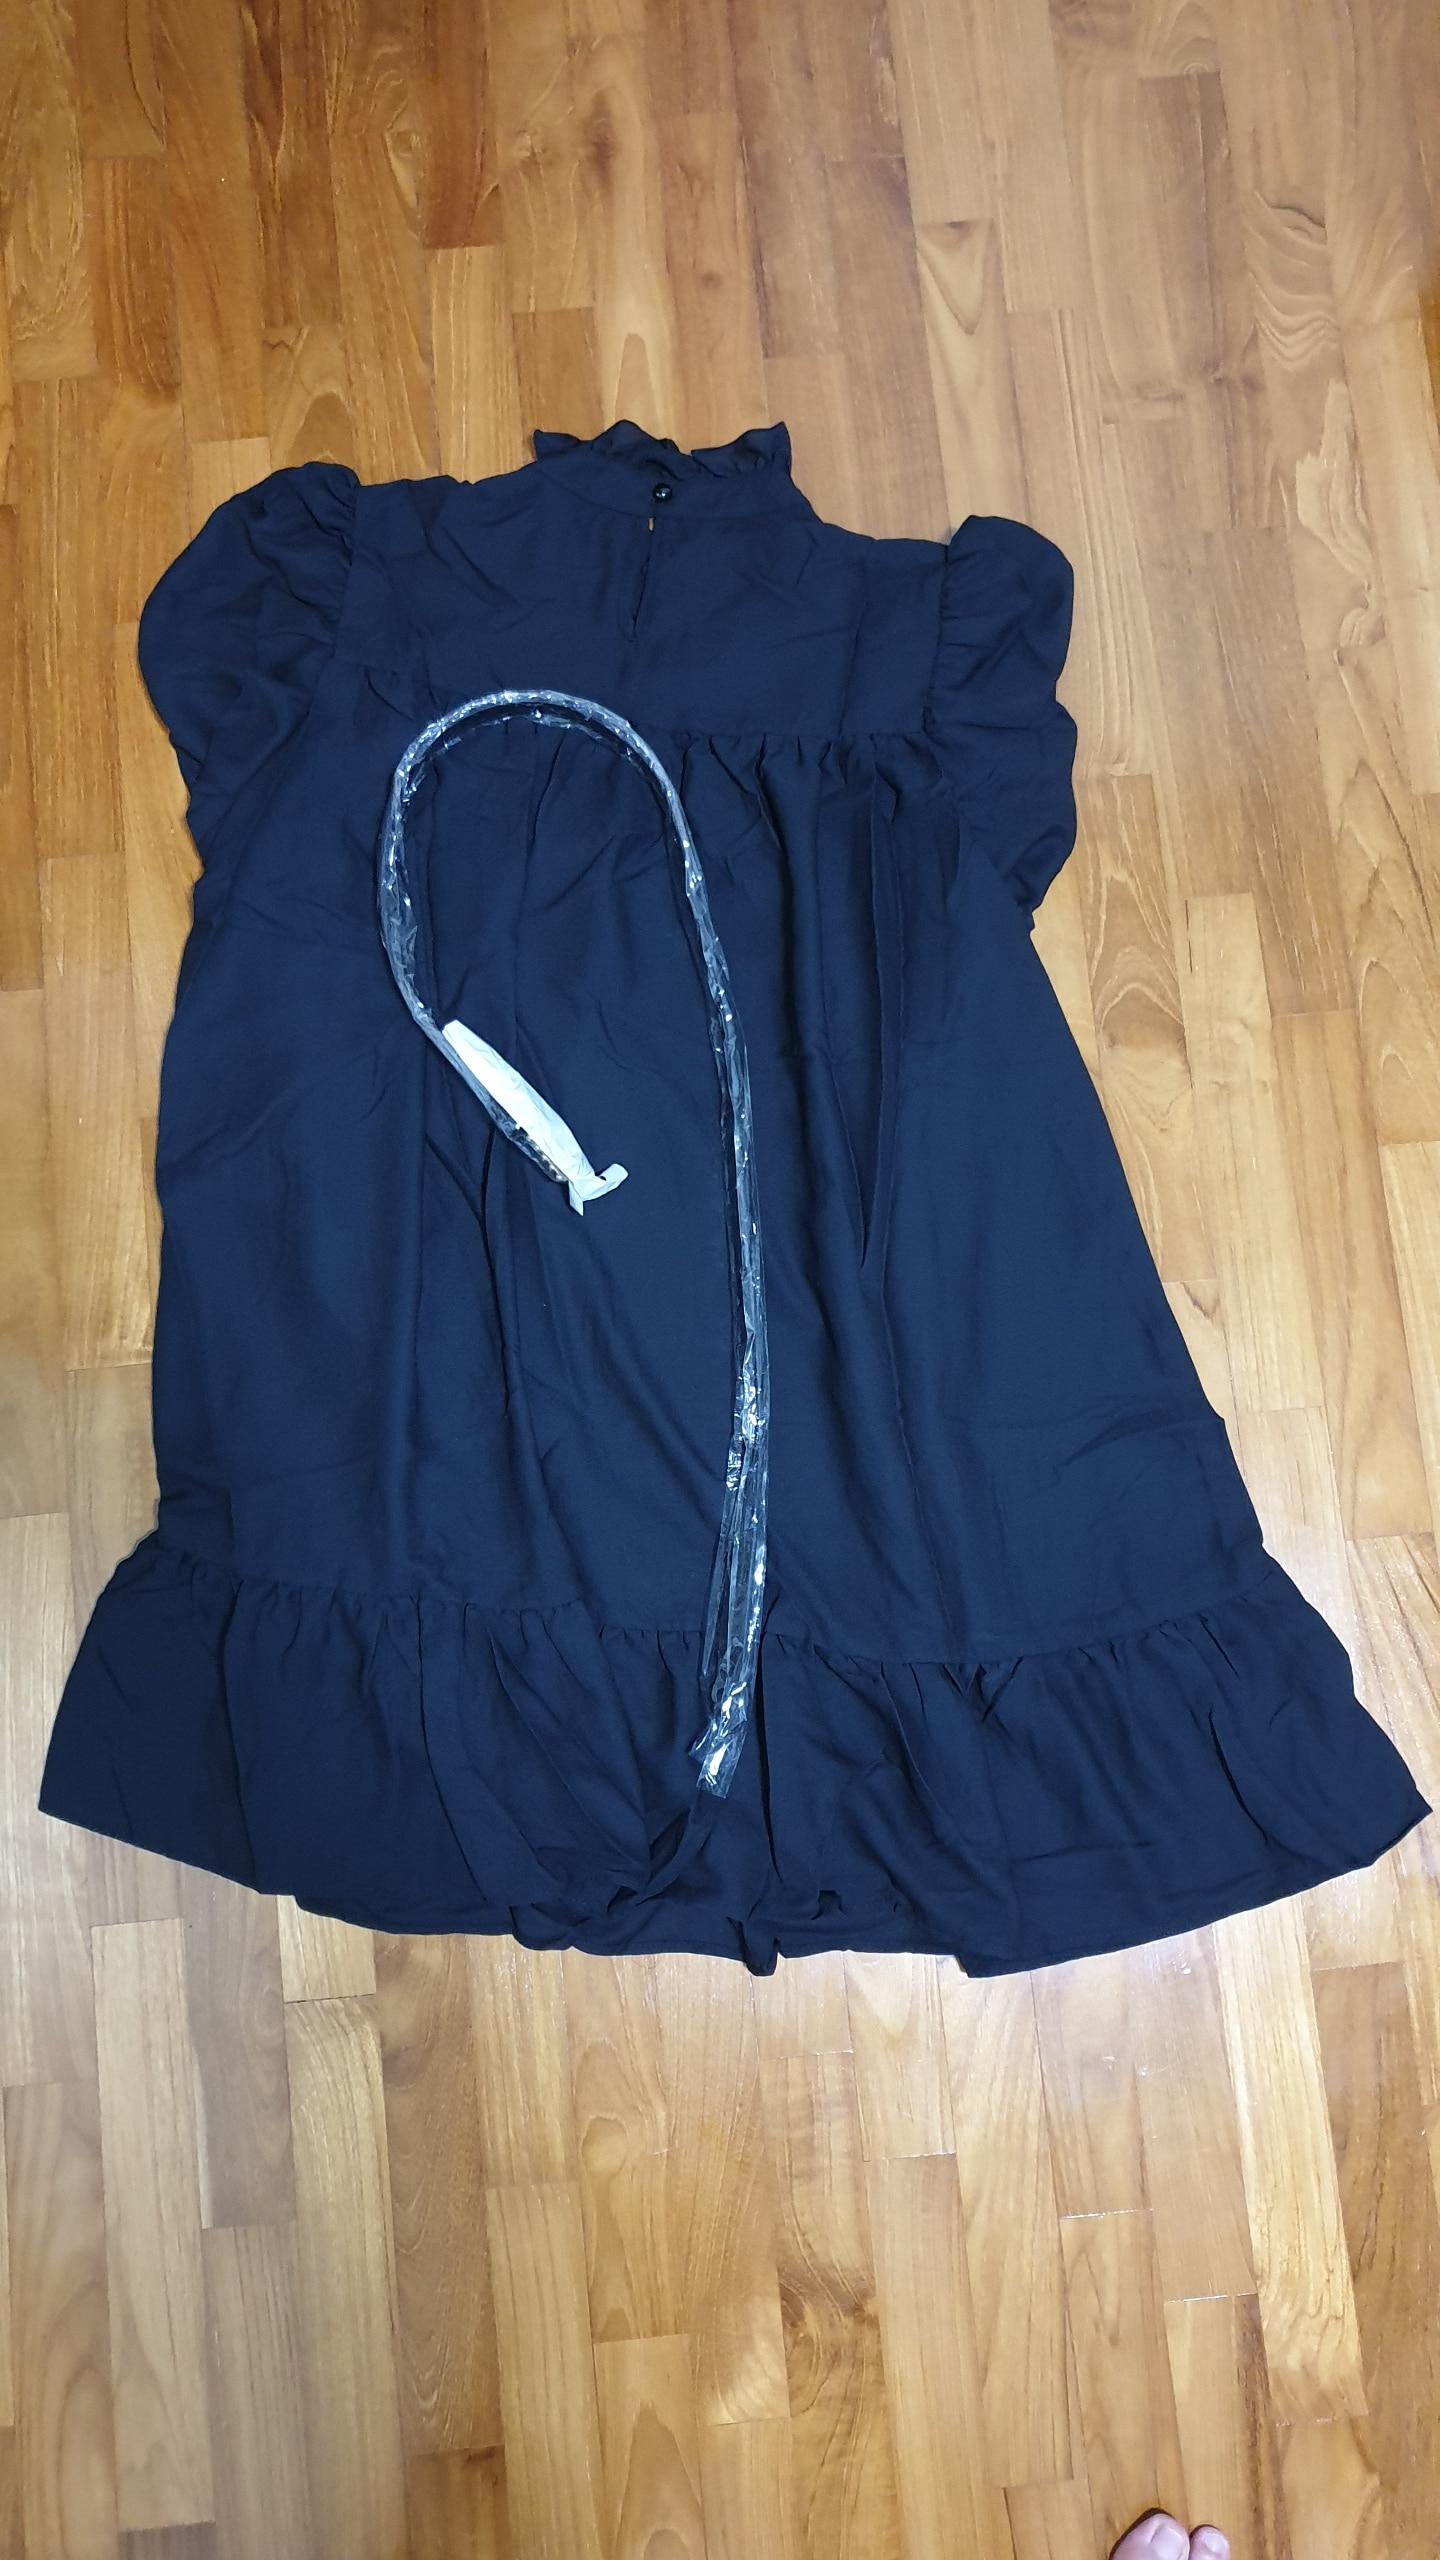 Hot 2019 autumn new fashion women's temperament commuter puff sleeve small high collar natural A word knee Chiffon dress reviews №2 195470